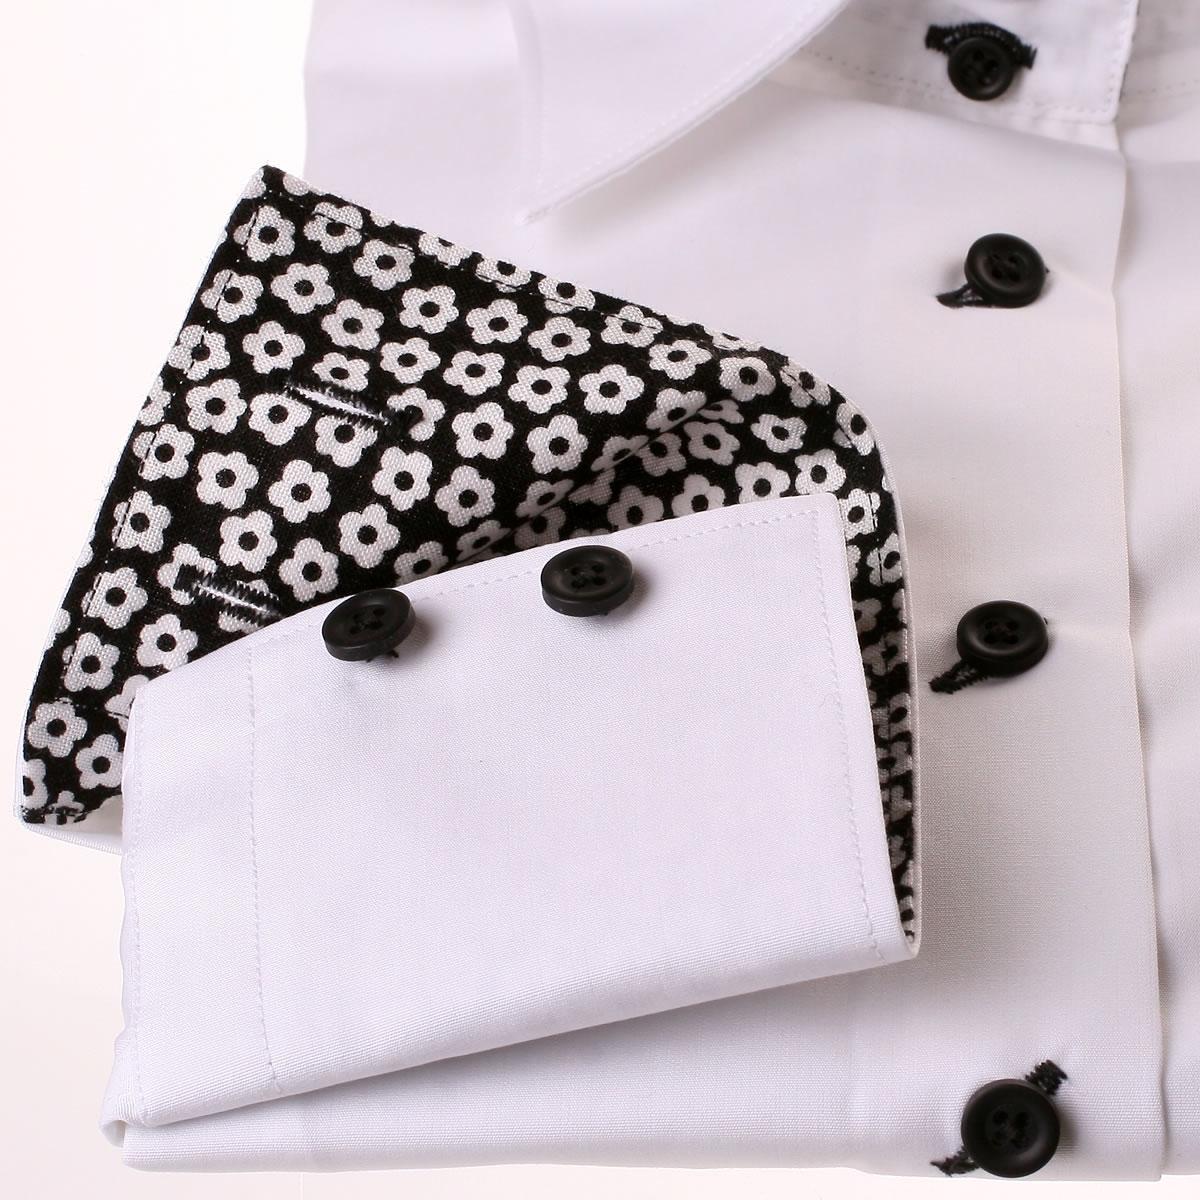 wei e bluse mit wei en und schwarzen blumen kragen und manschetten. Black Bedroom Furniture Sets. Home Design Ideas